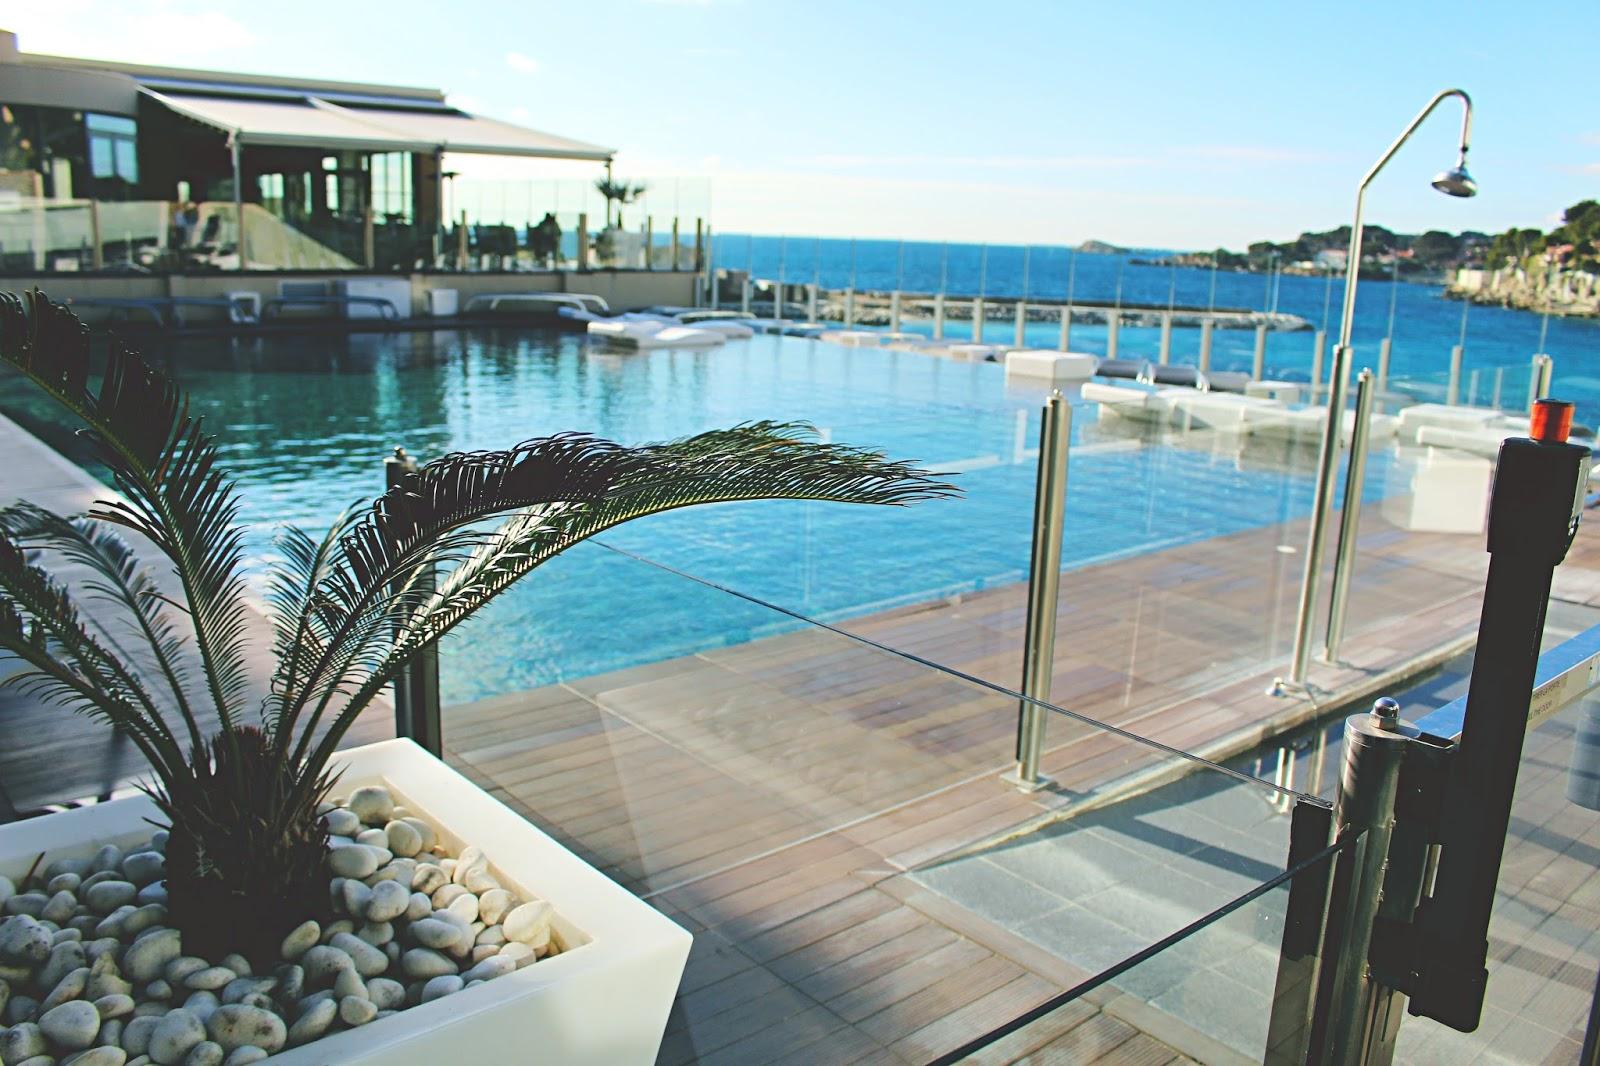 piscine thalazur